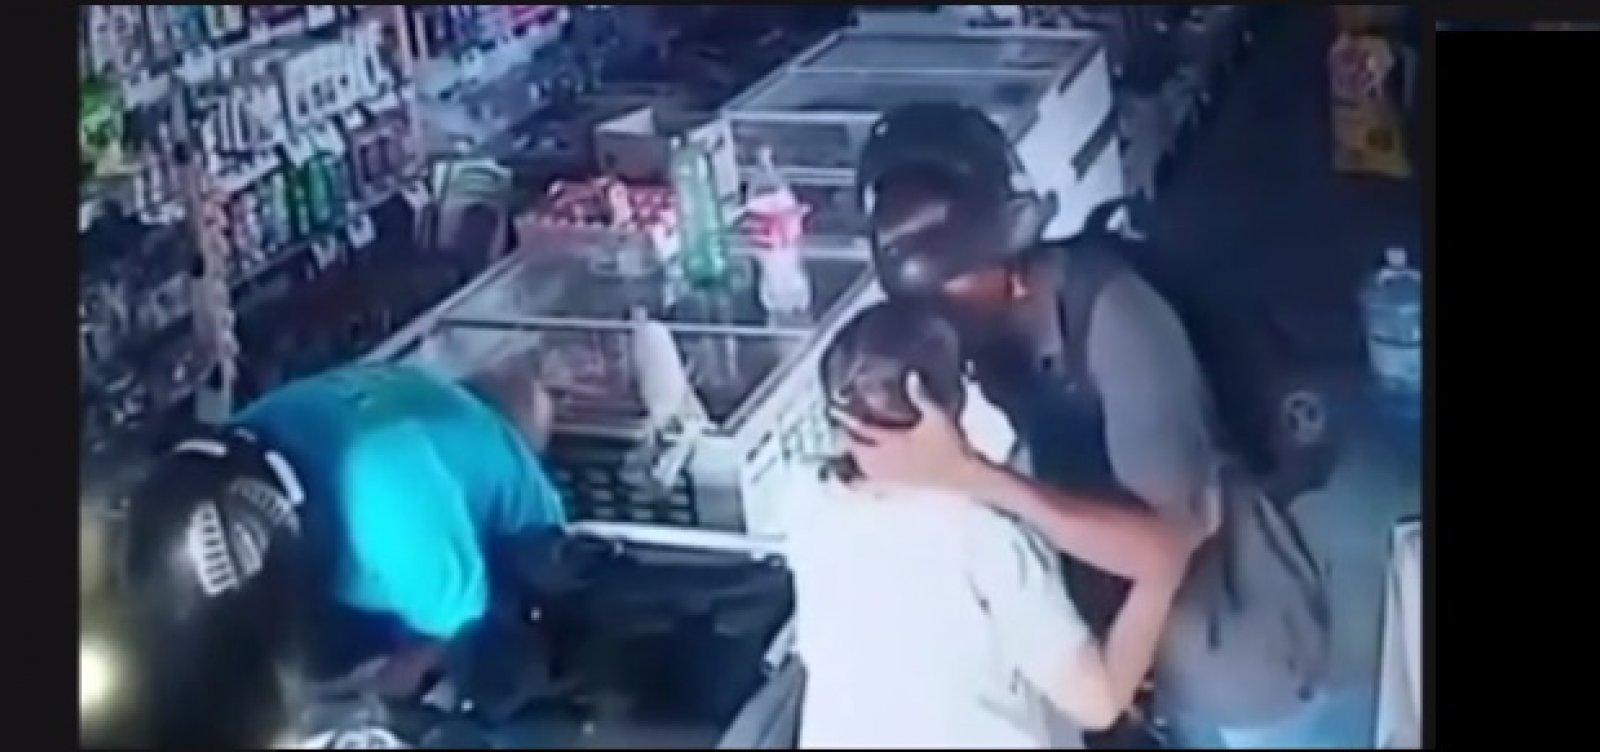 Ladrão beija mulher e diz que não quer o dinheiro dela em assalto no Piauí